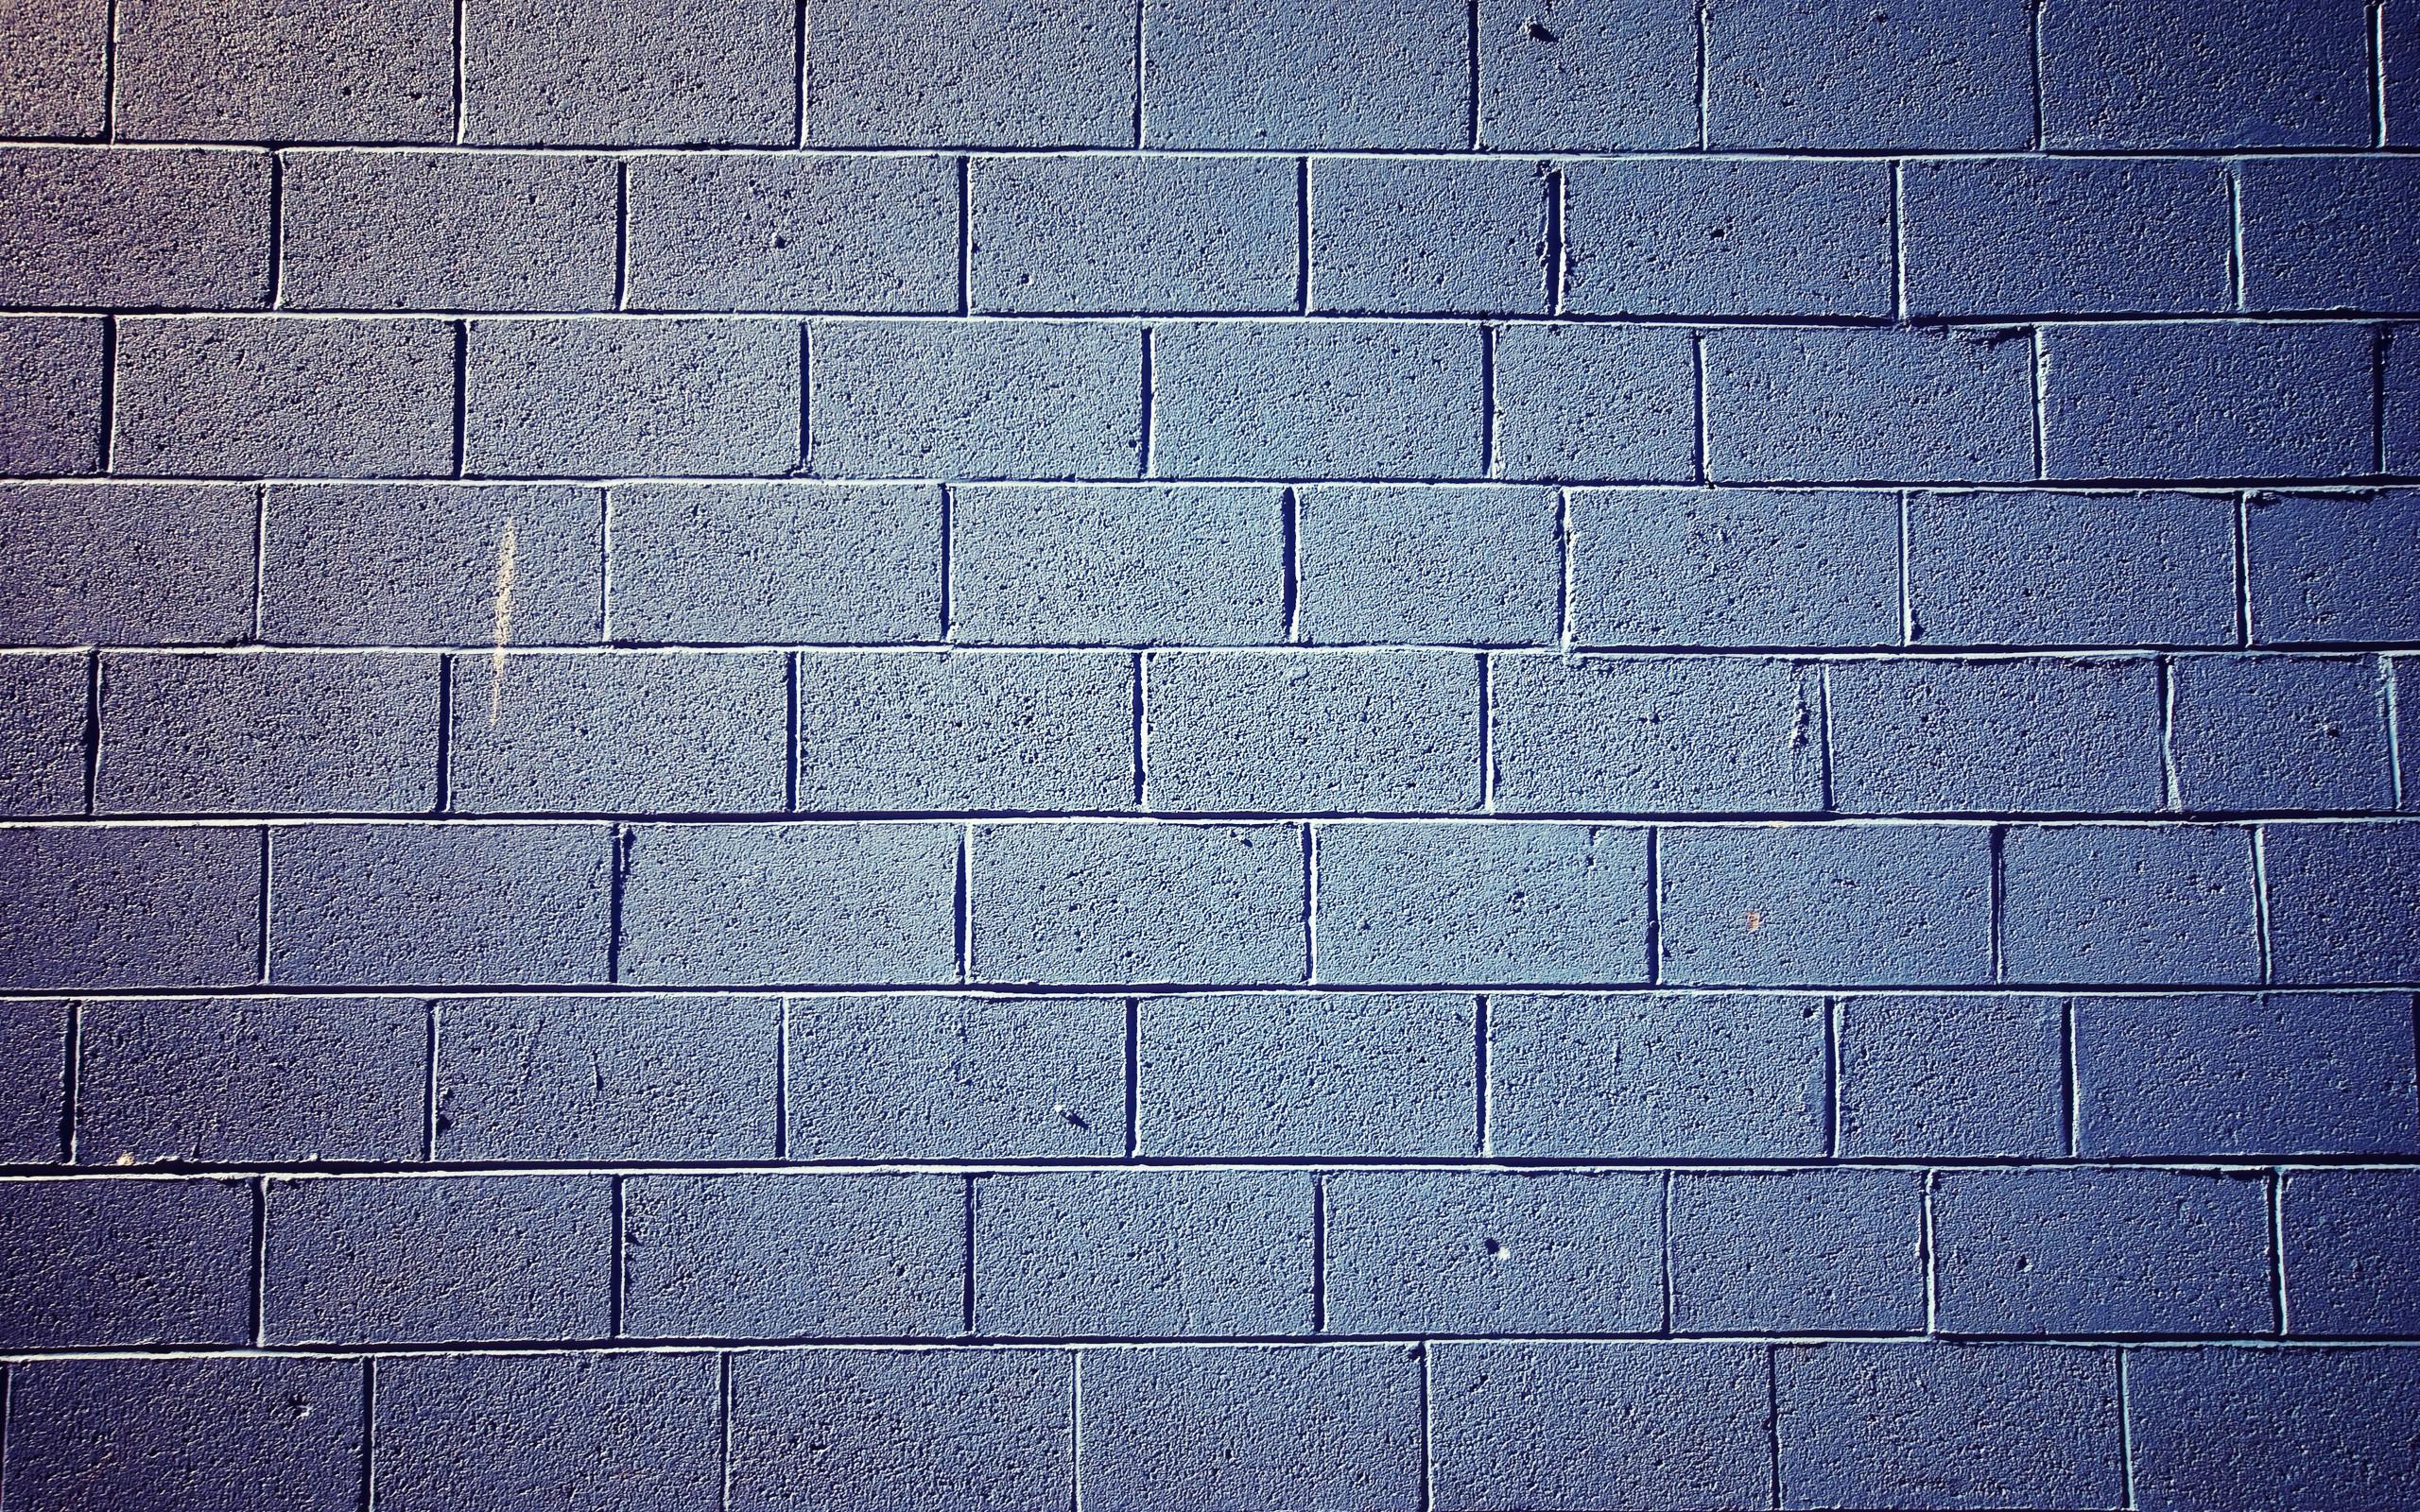 Textura de bloques de cemento - 2560x1600